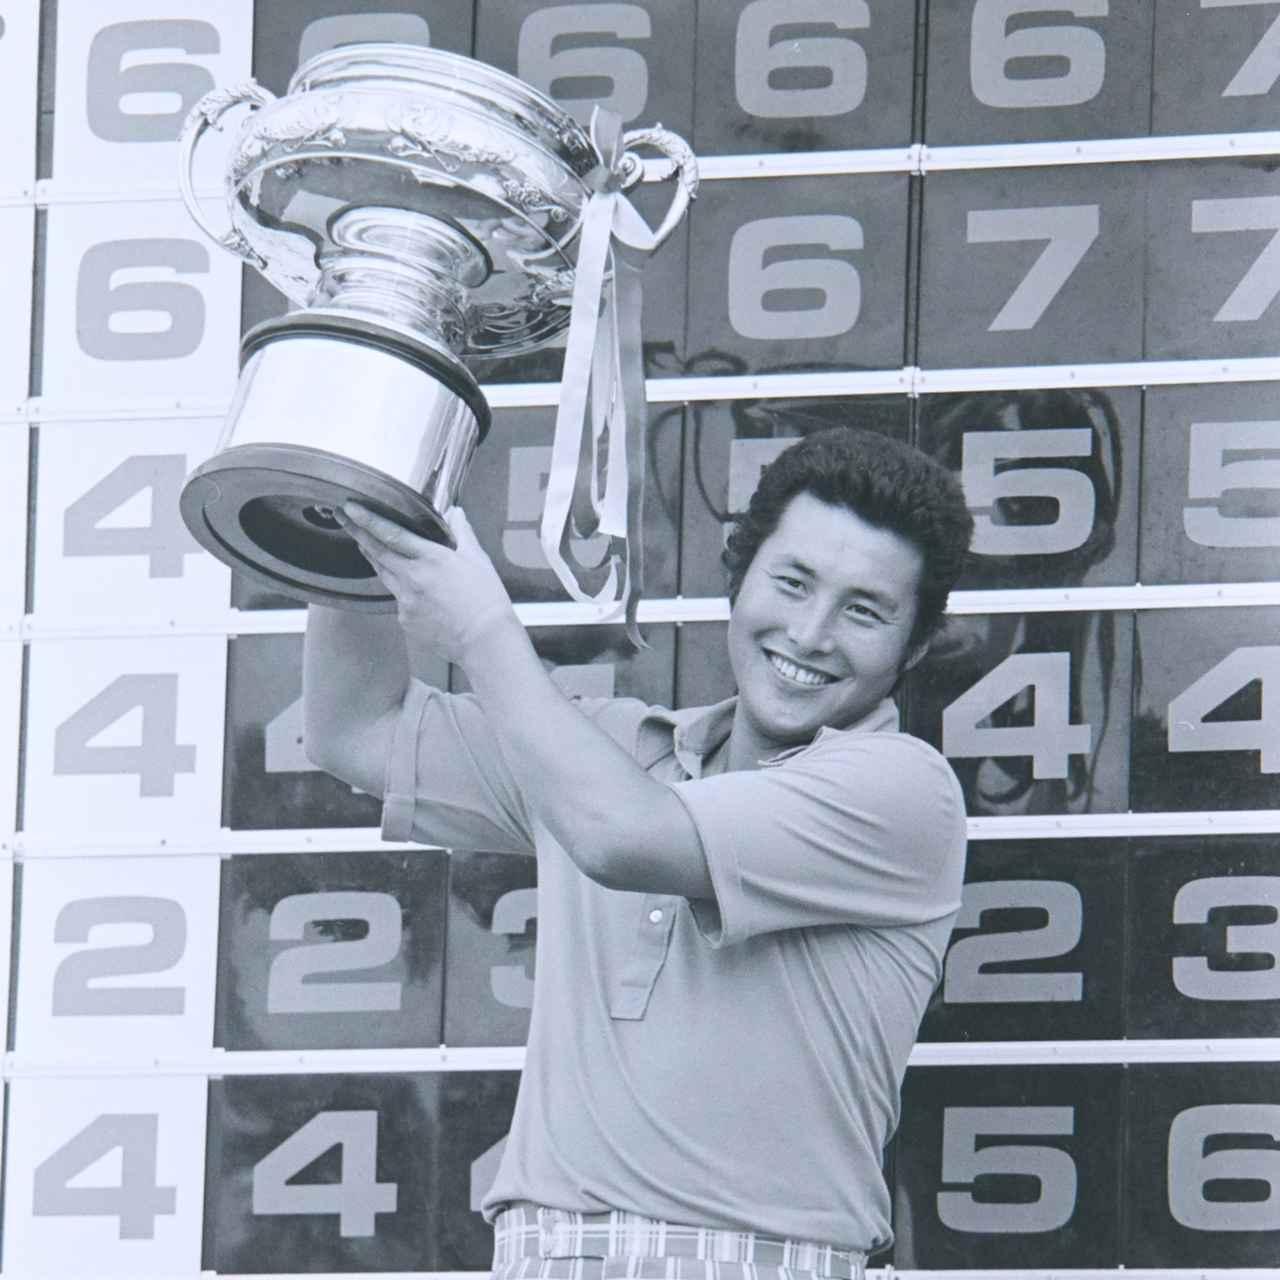 画像: 【伝説の名勝負。ヒーローの足跡】セントラルゴルフクラブ。ジャパンOP初制覇、ジャンボ尾崎、国内グランドスラム達成。1974年日本オープン - ゴルフへ行こうWEB by ゴルフダイジェスト